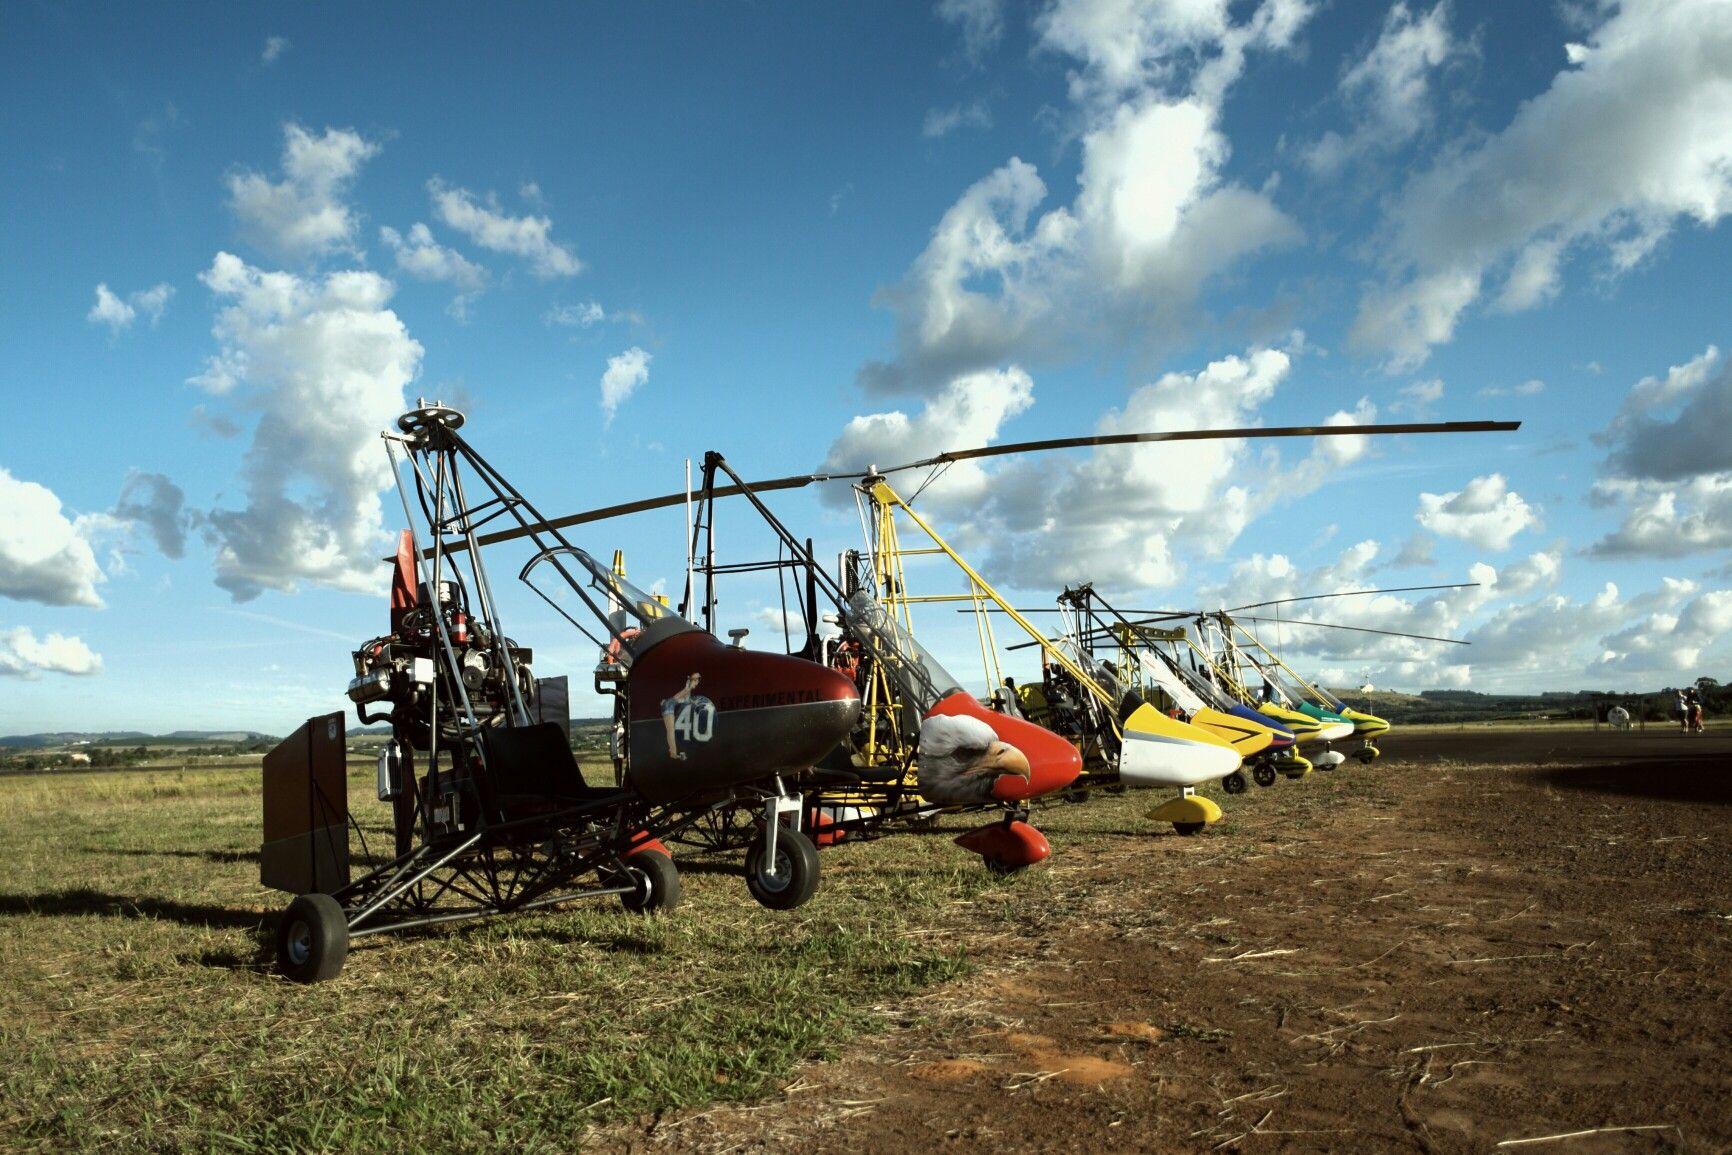 Encontro de girocoptero  São Sebastião  do Paraíso 2016